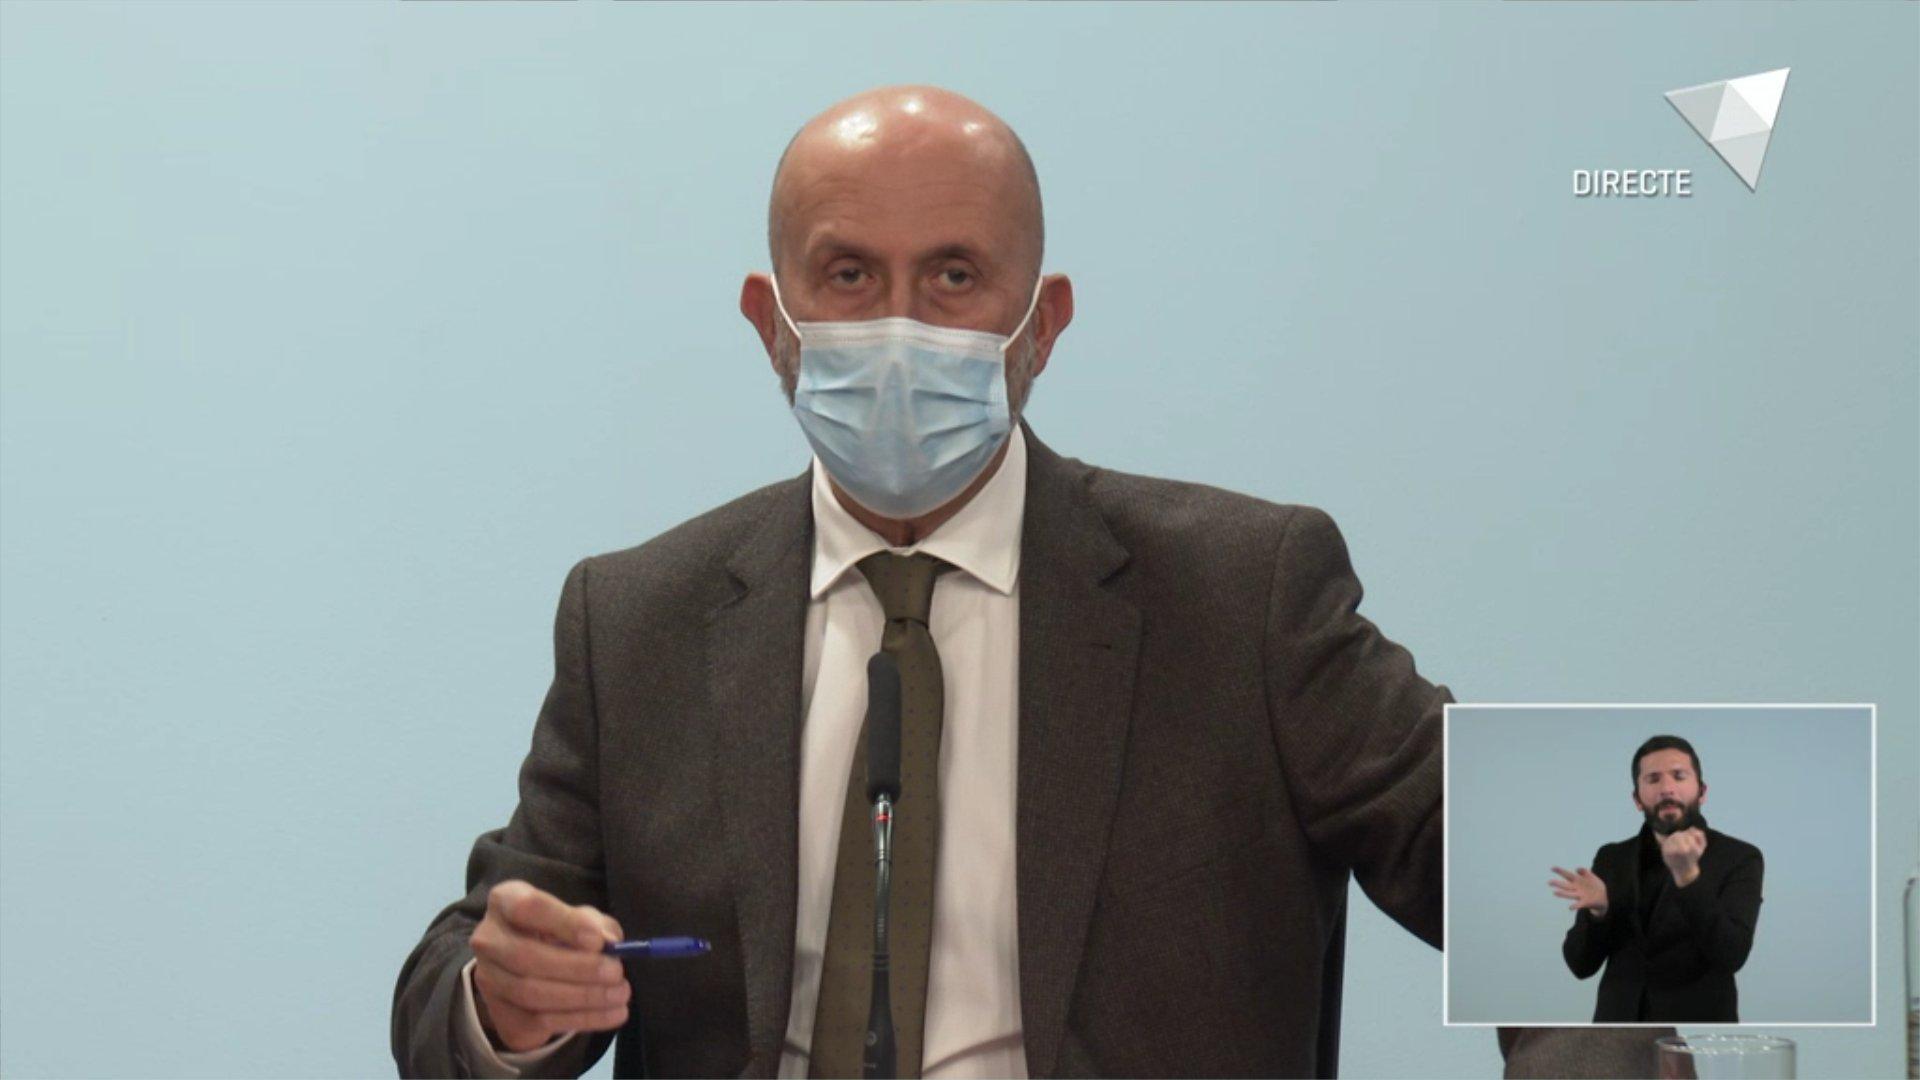 Andorra està a l'inici del nivell 4 de risc, el més alt de la pandèmia